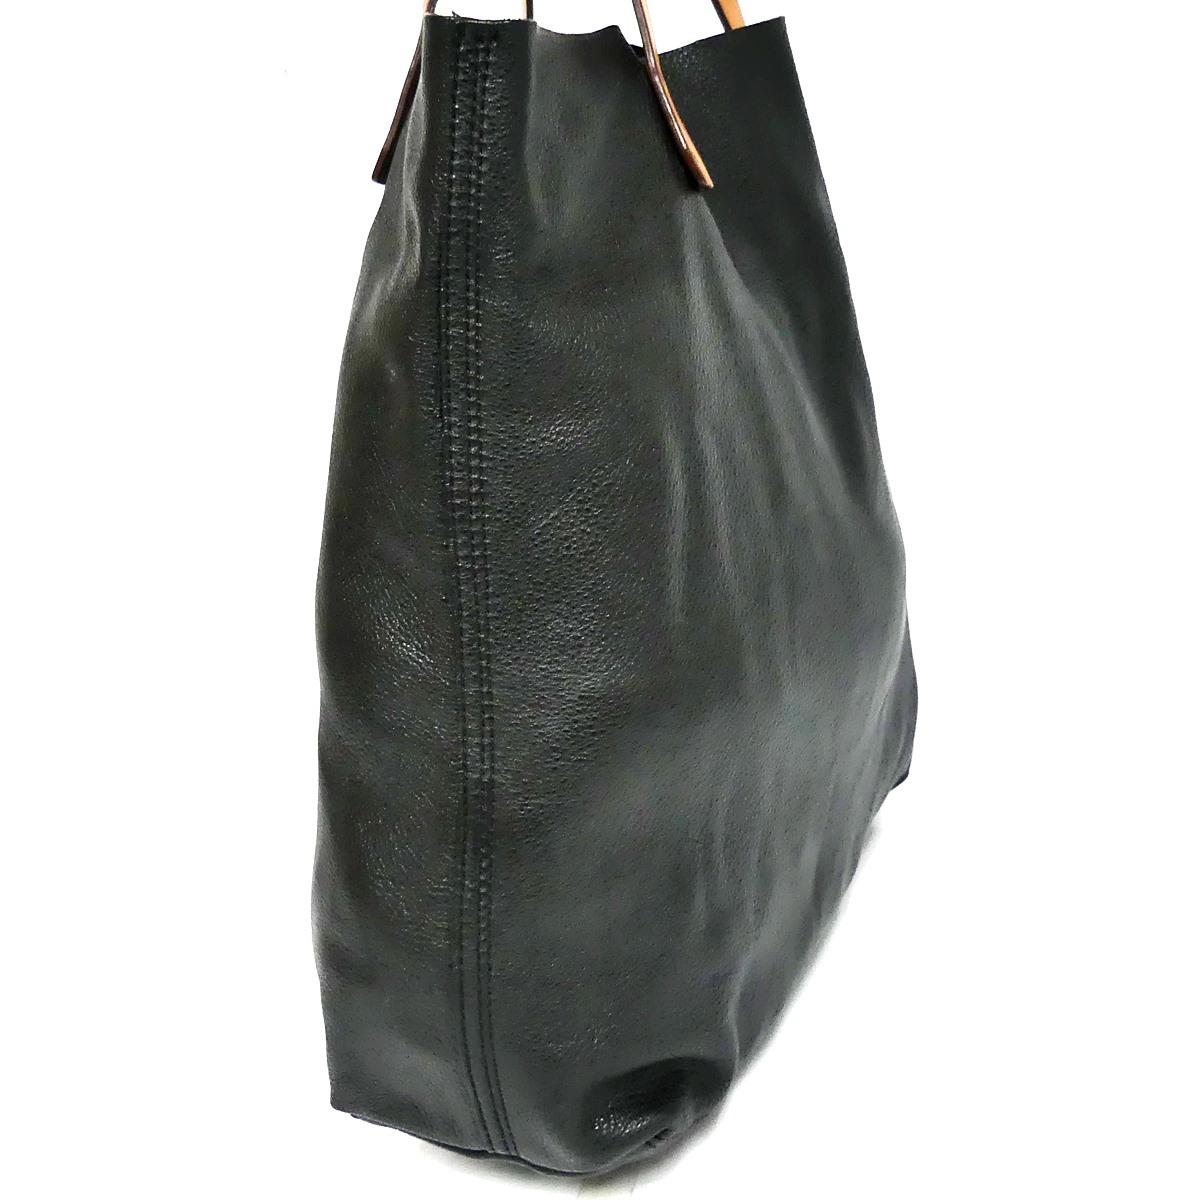 即決★GAP★オールレザートートバッグ ギャップ メンズ 黒 本革 ハンドバッグ 本皮 かばん 通勤 トラベル 出張 手提げバッグ 鞄 レディース_画像4